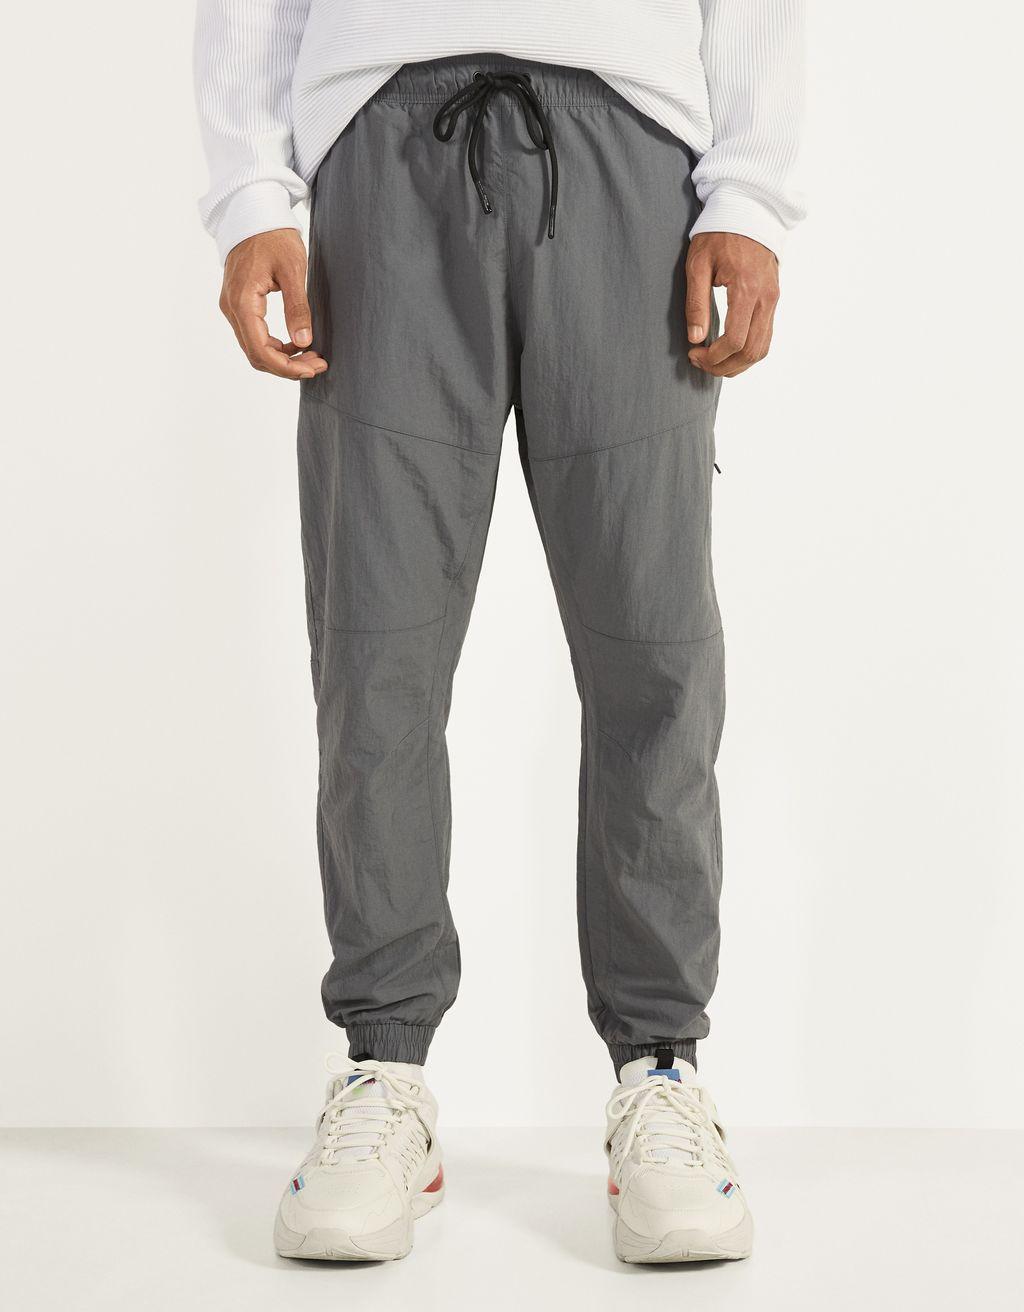 Pantalon jogger en nylon